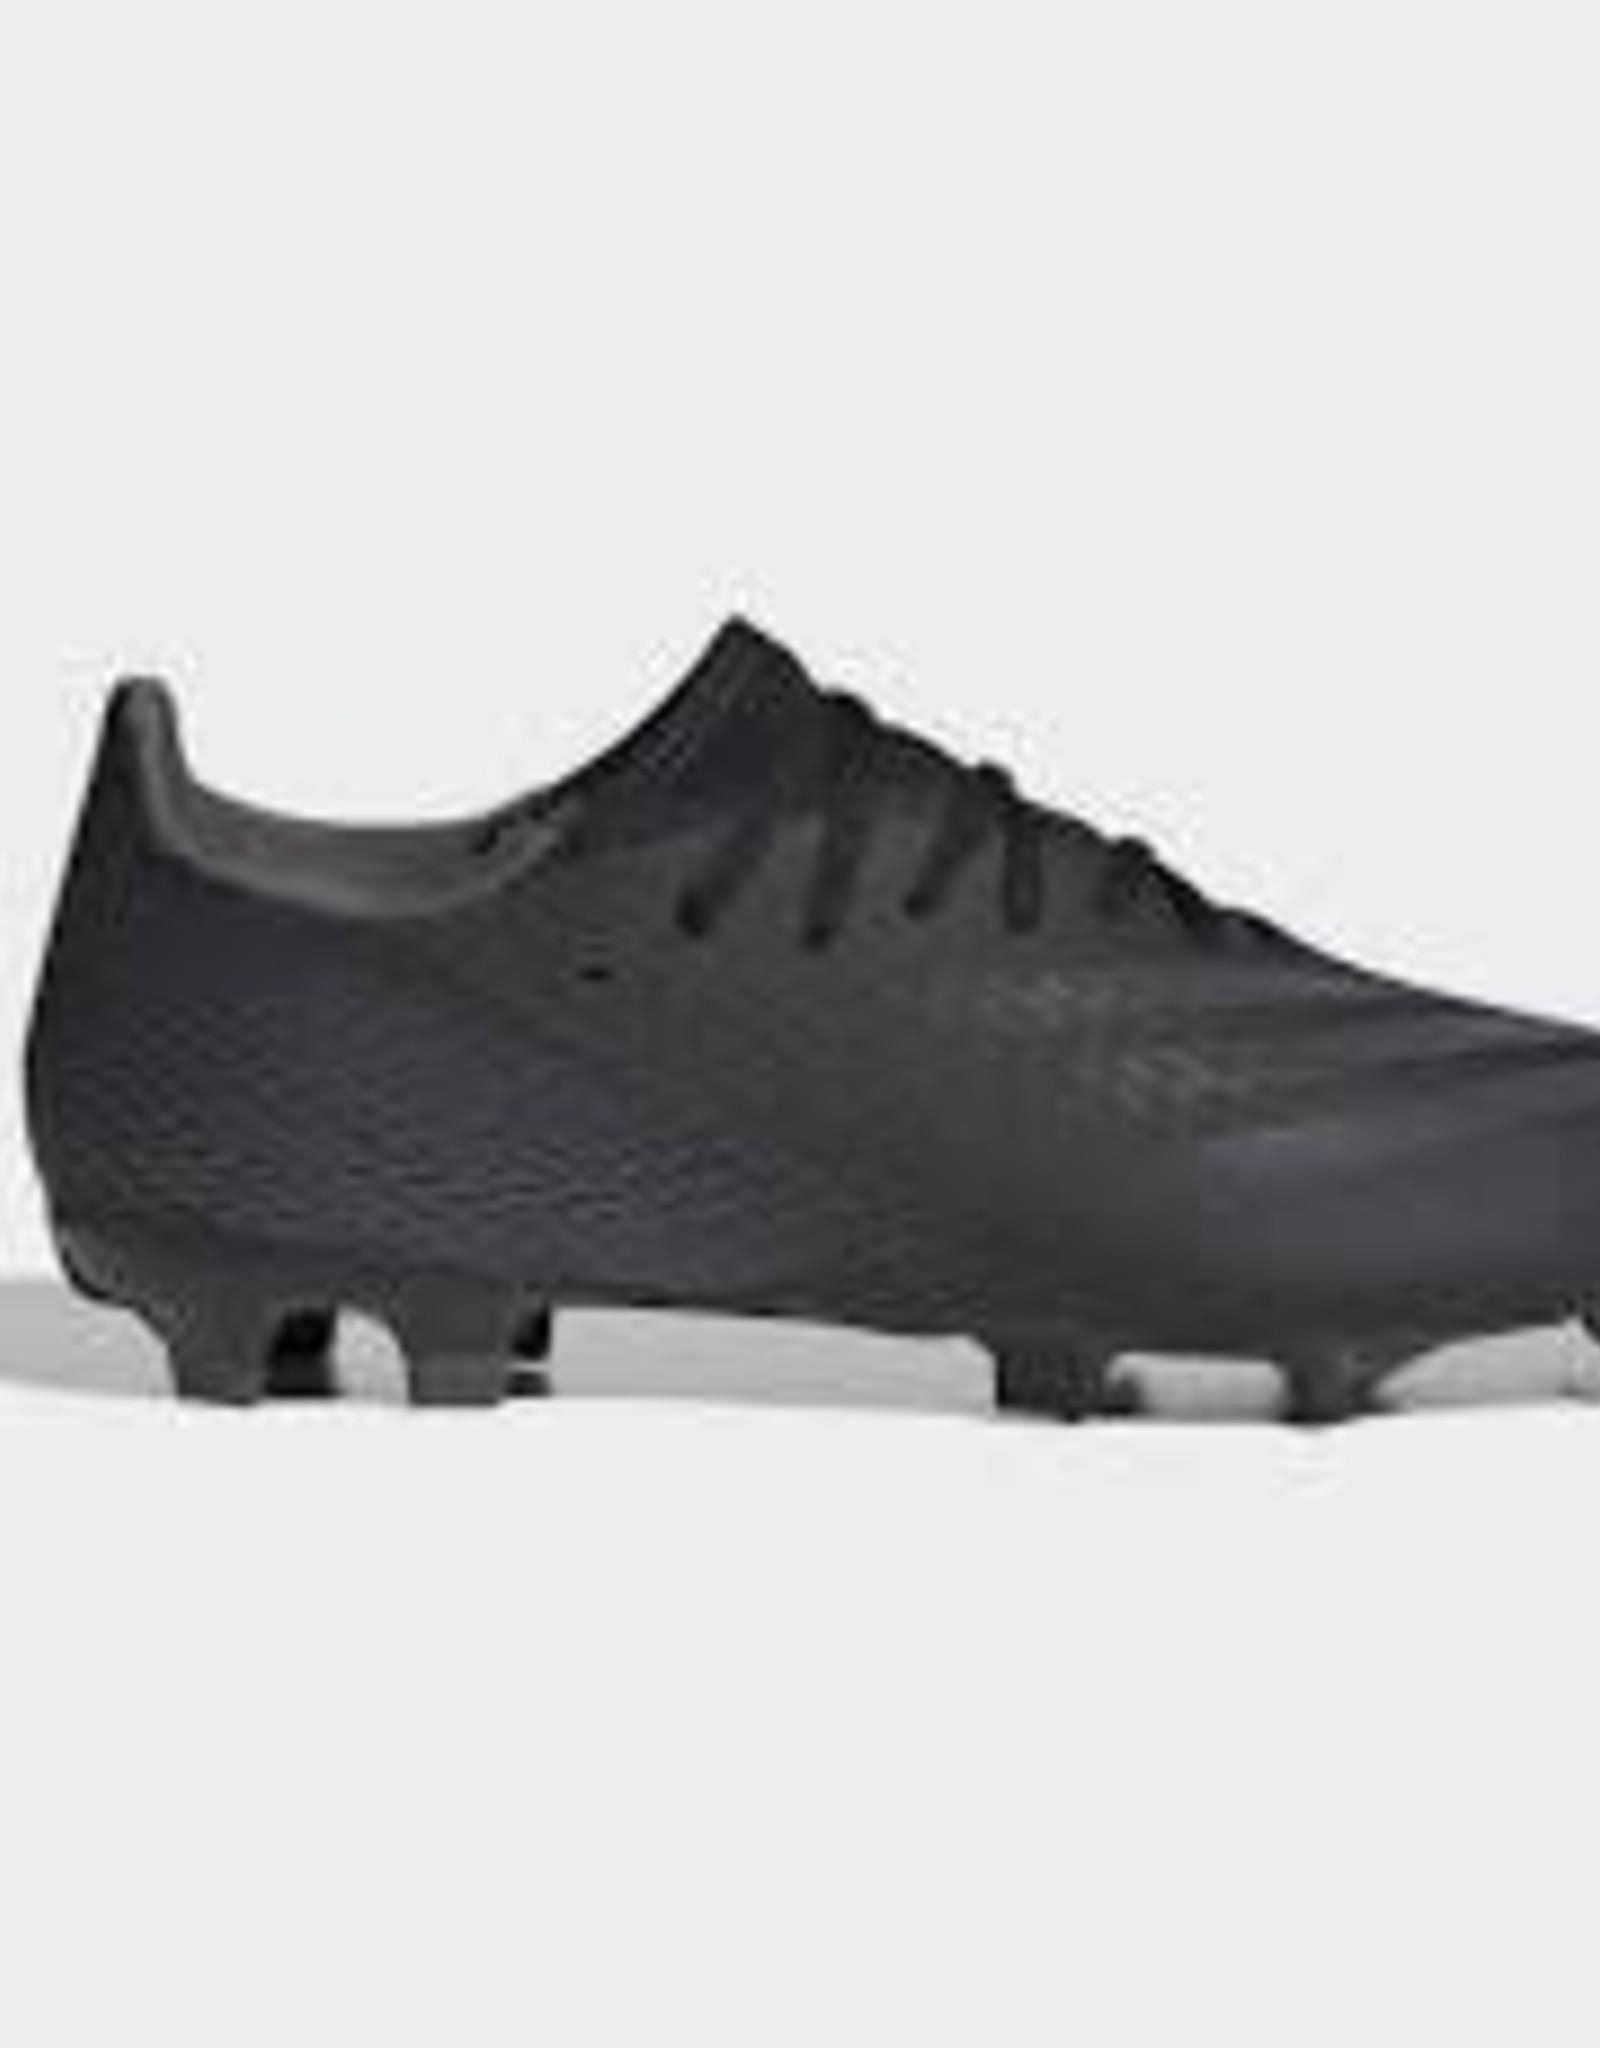 Adidas Adidas FG X Ghosted.3 Black